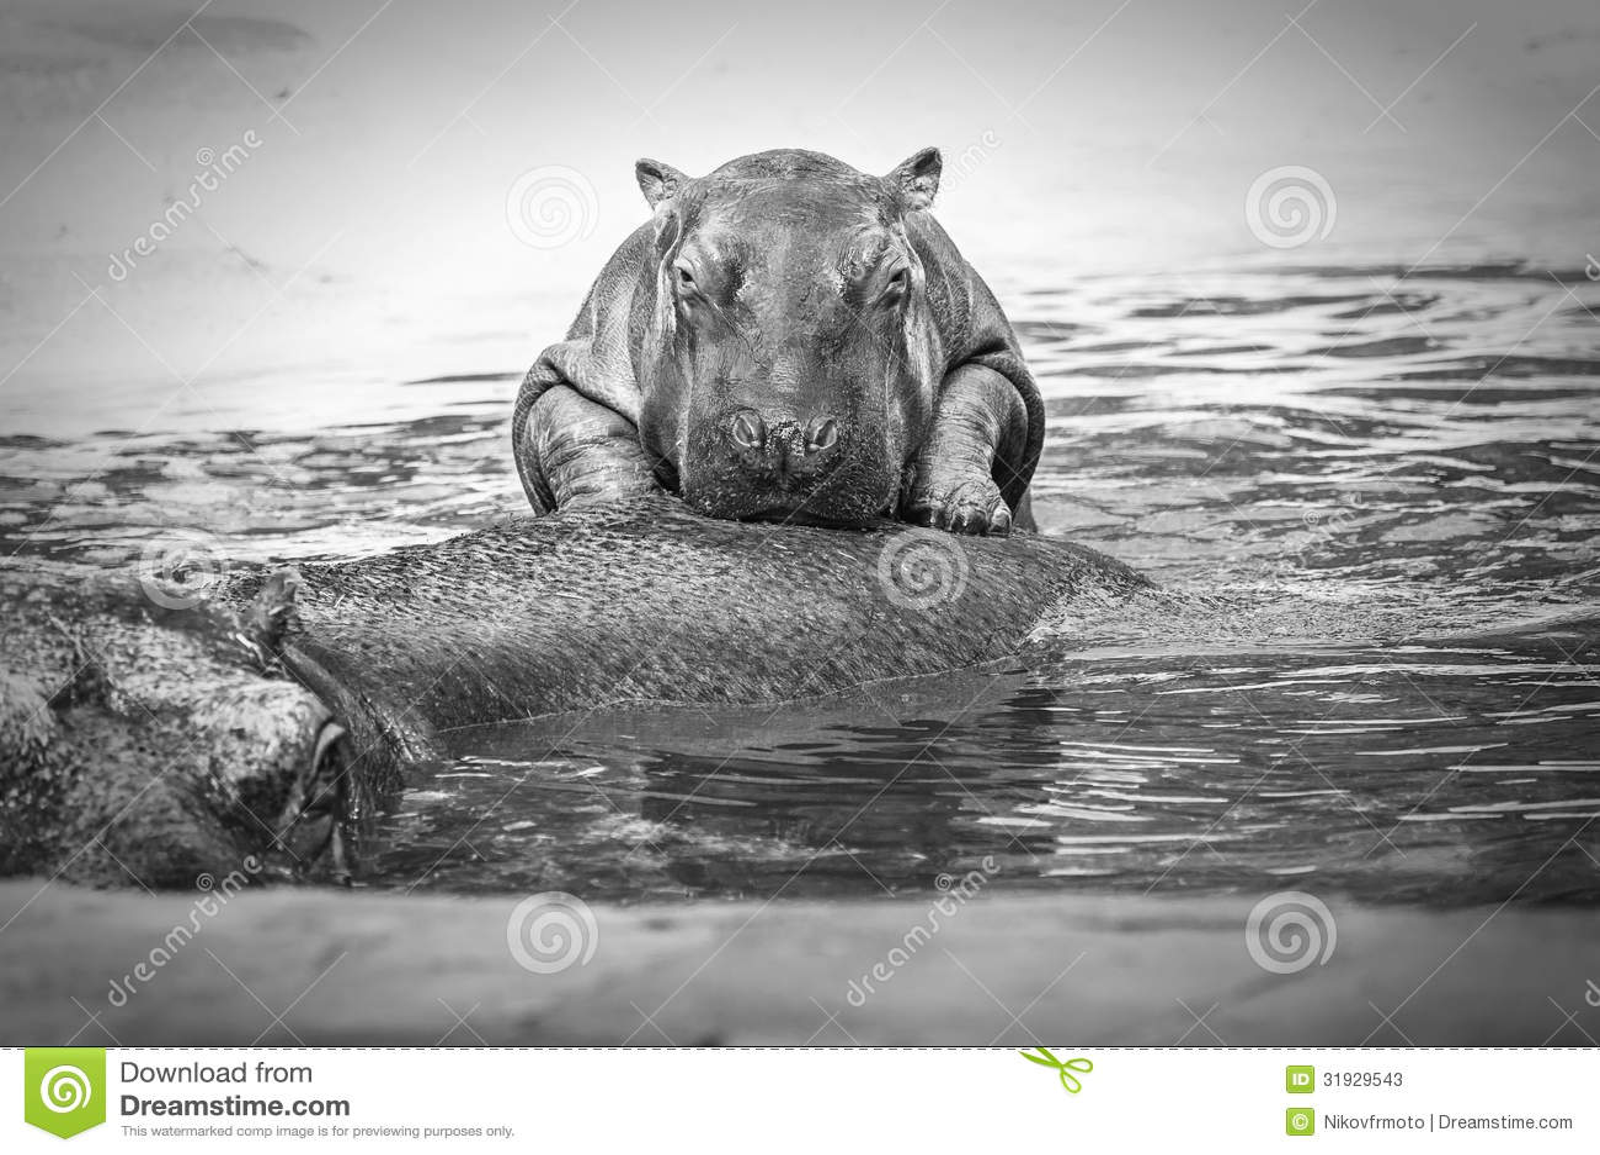 Stock Photos  Baby hippo   black and white  Hippopotamus Black And White